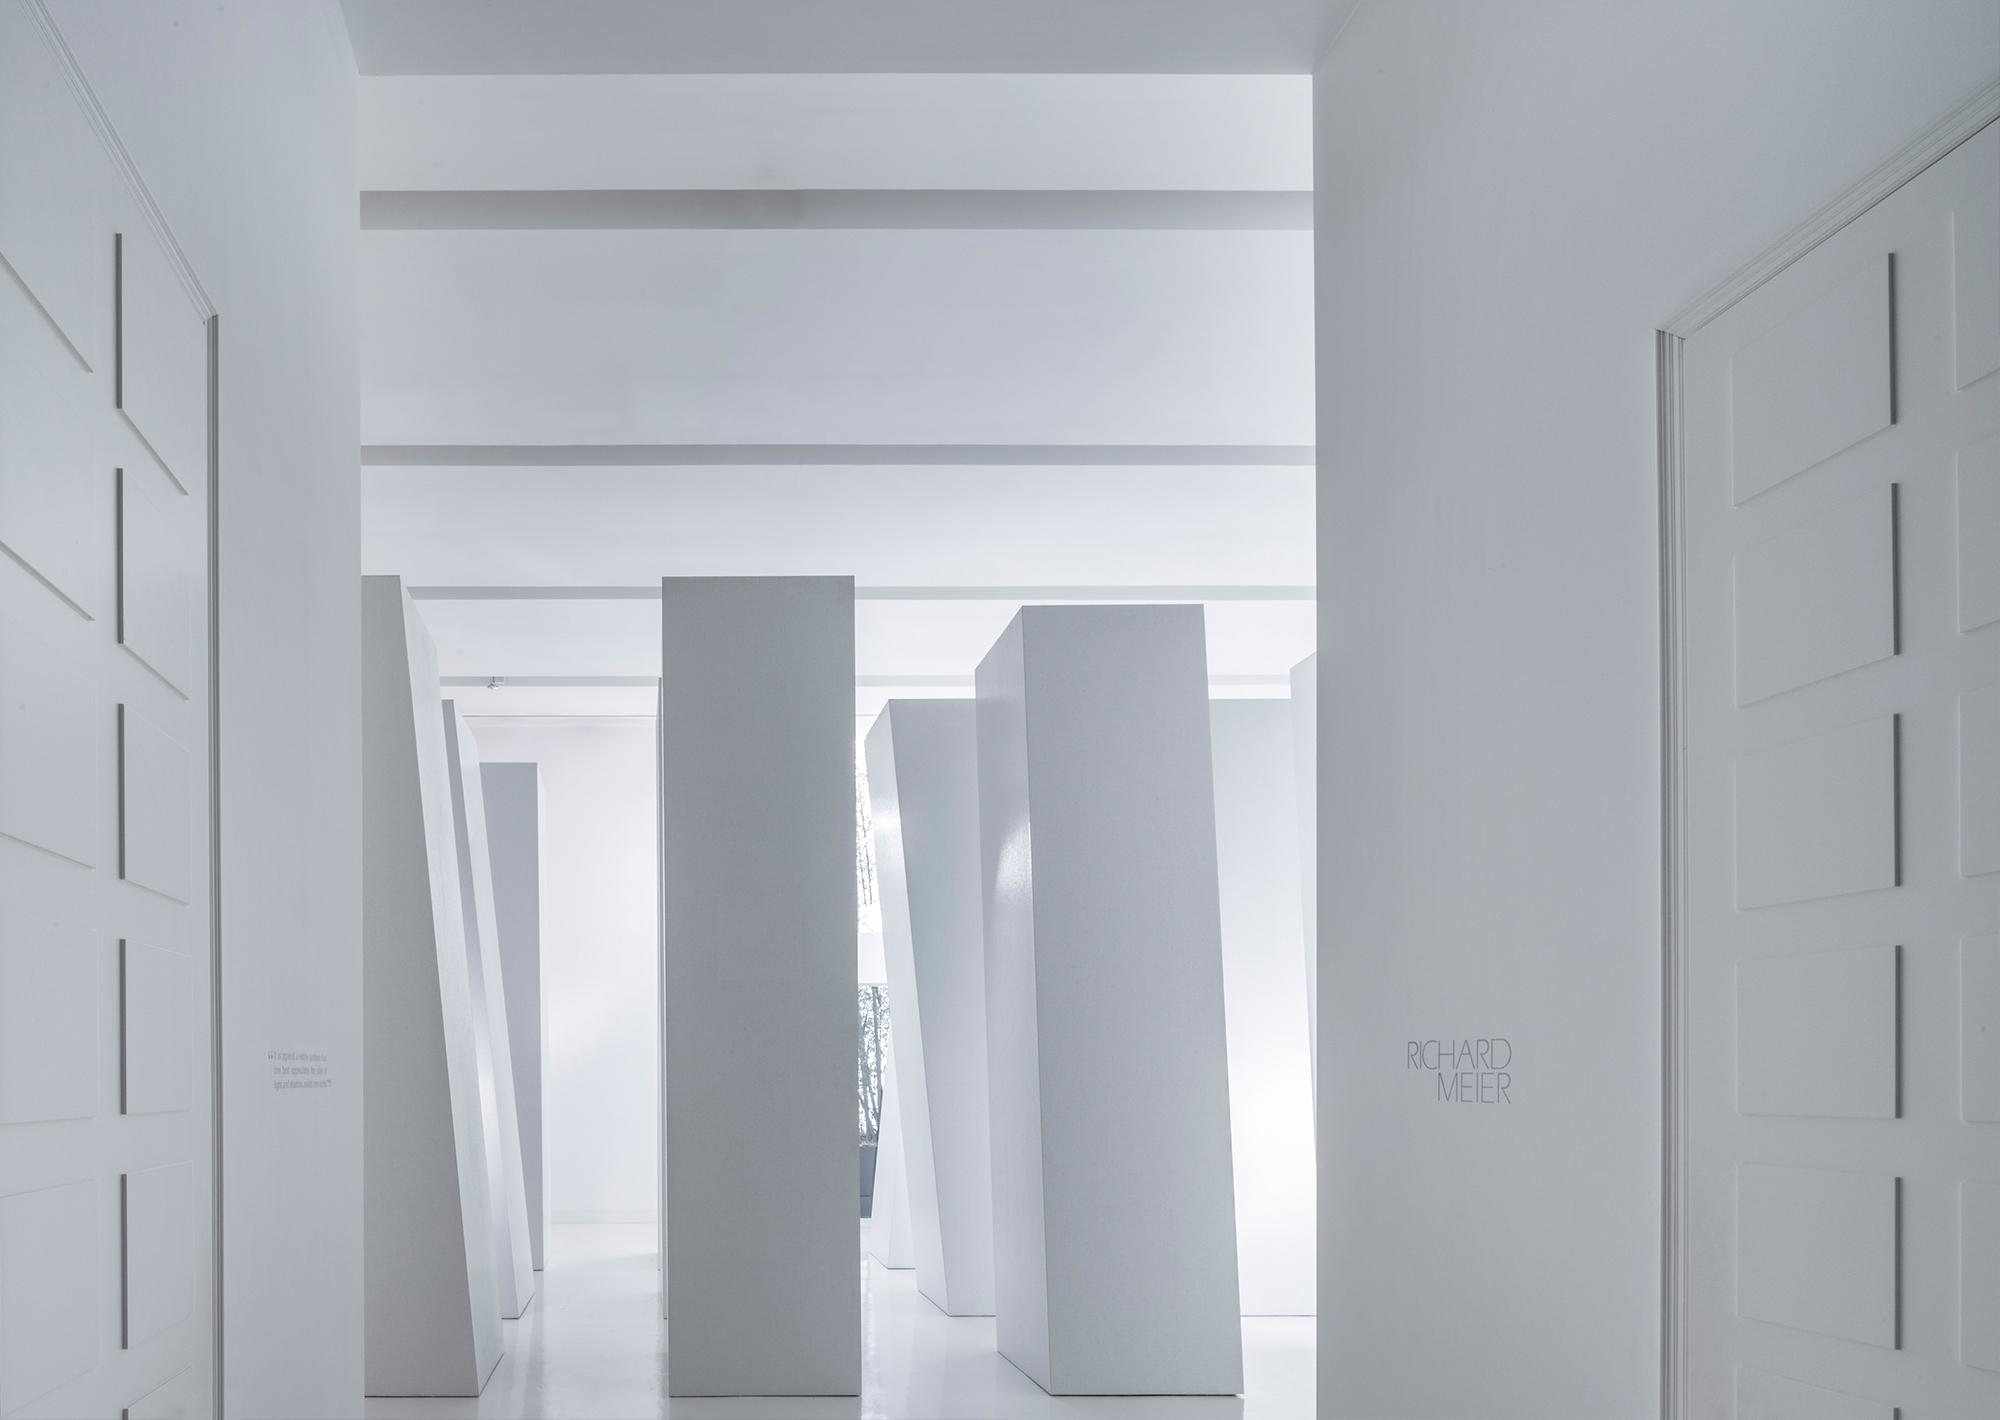 Fondazione_011